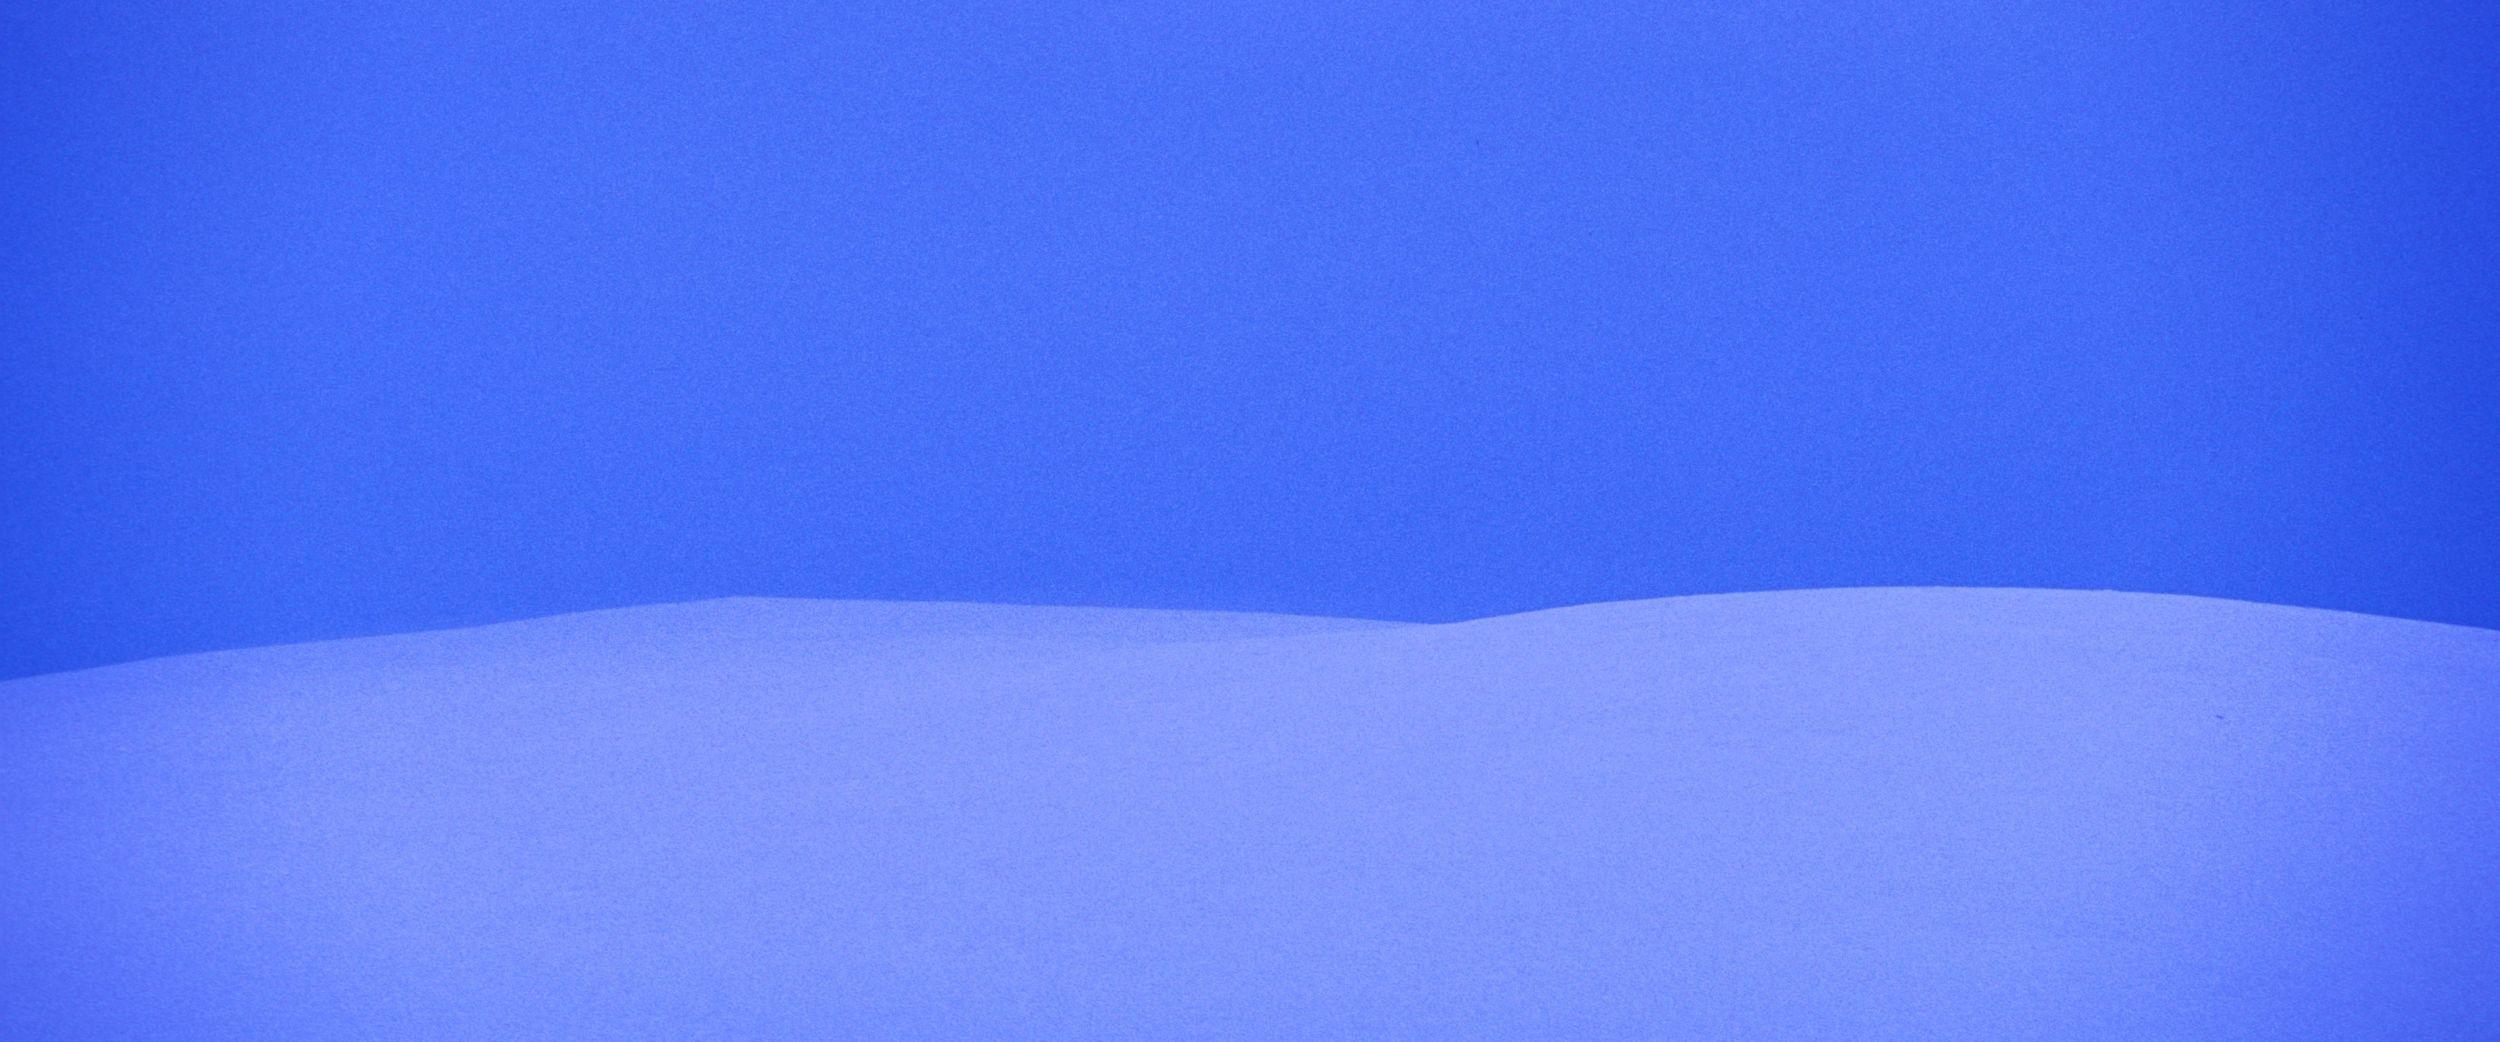 Blue hour. Photo: Trym Ivar Bergsmo, nordnorge.com